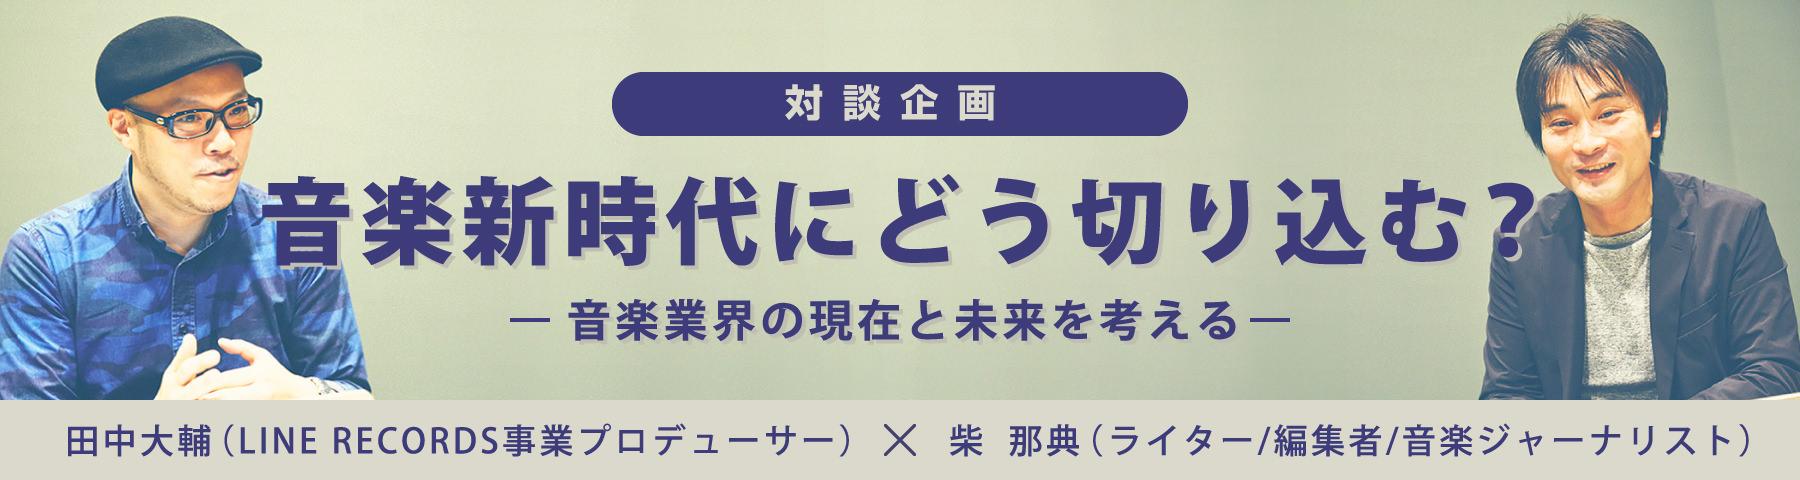 対談企画 田中大輔(LINE RECORDS)×芝 那典